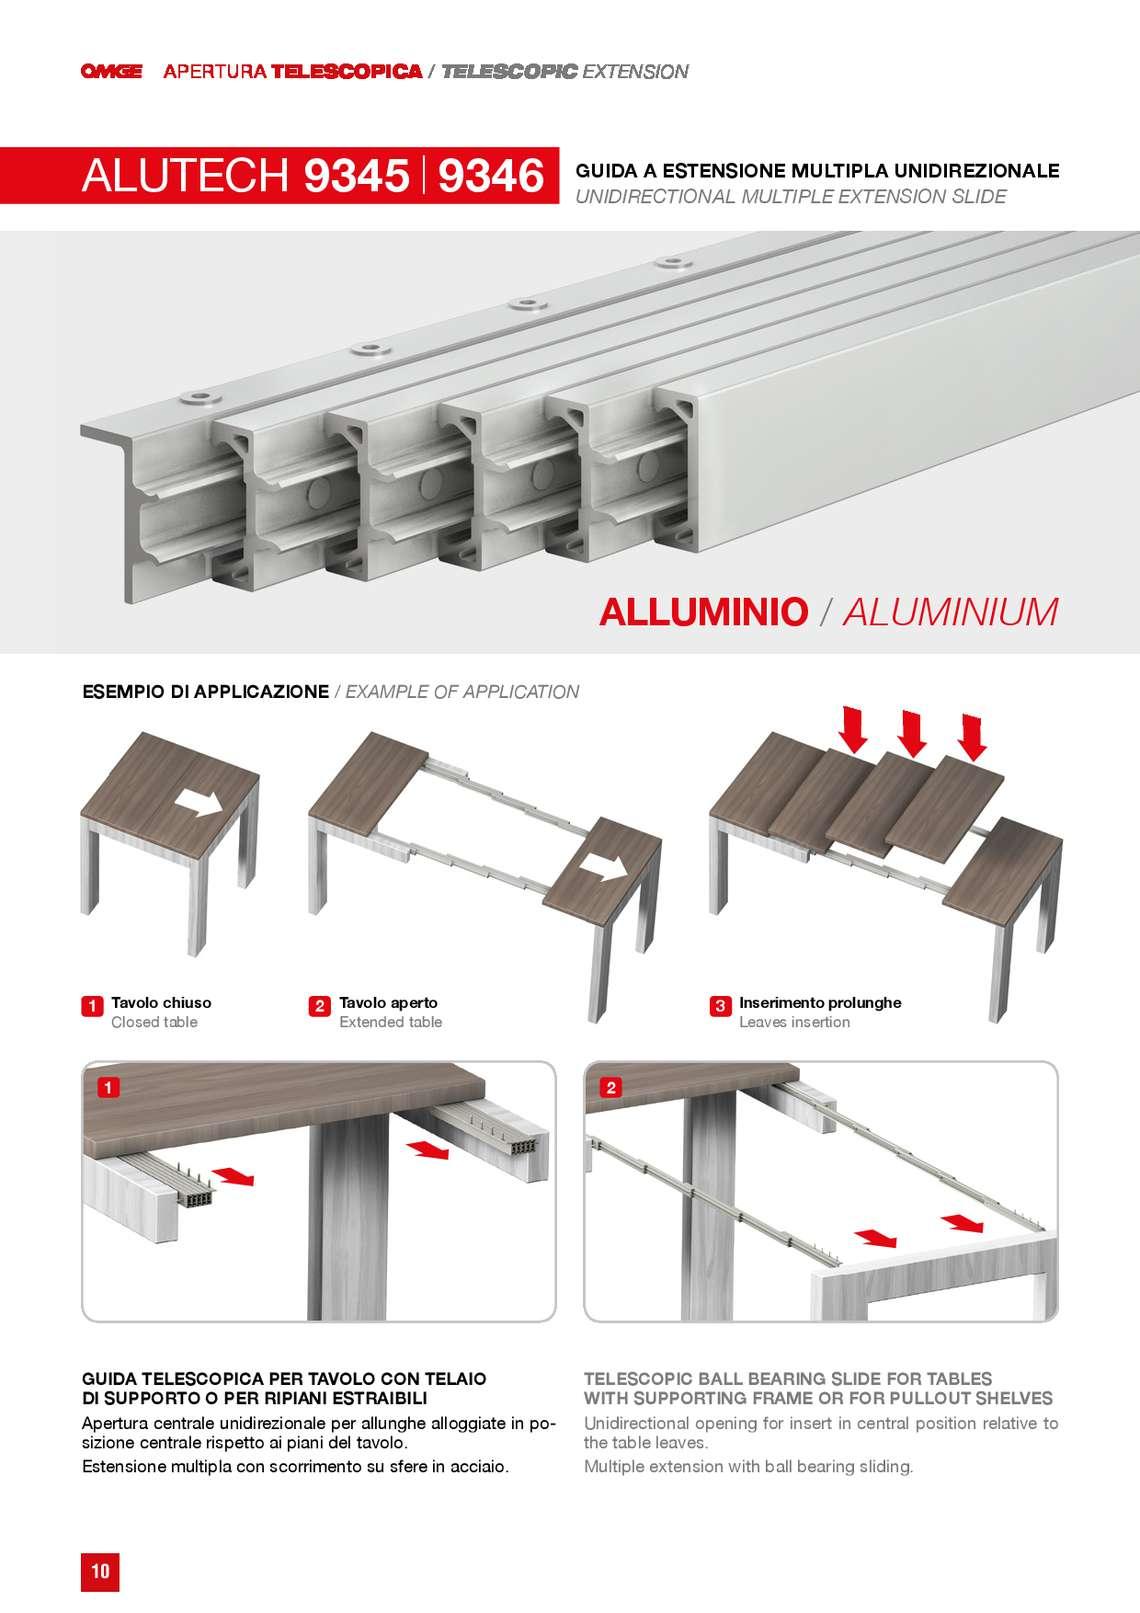 guide-per-allungamento-tavoli_163_009.jpg